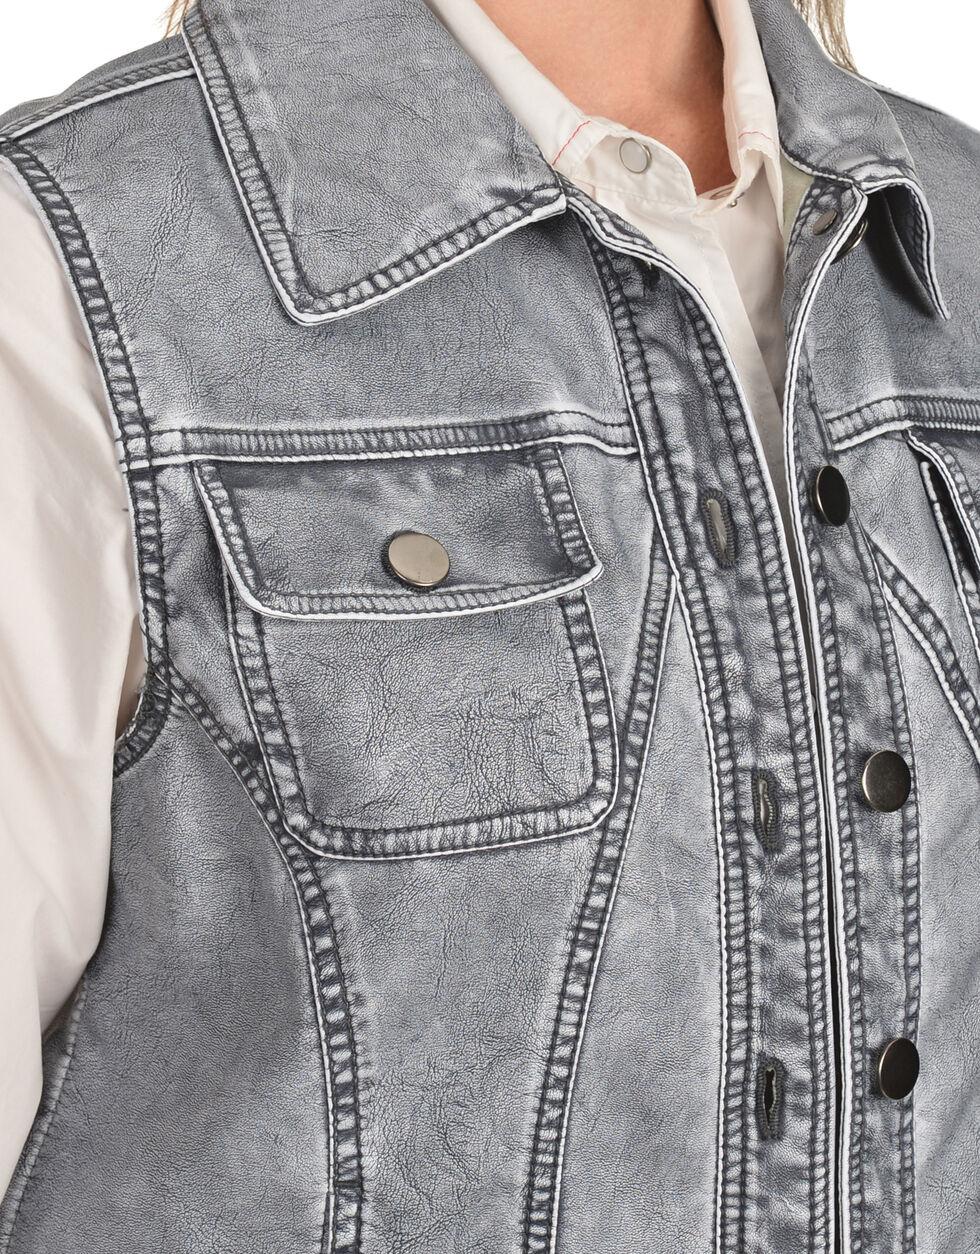 Erin London Women's Gray Faux Leather Vest, Blue, hi-res